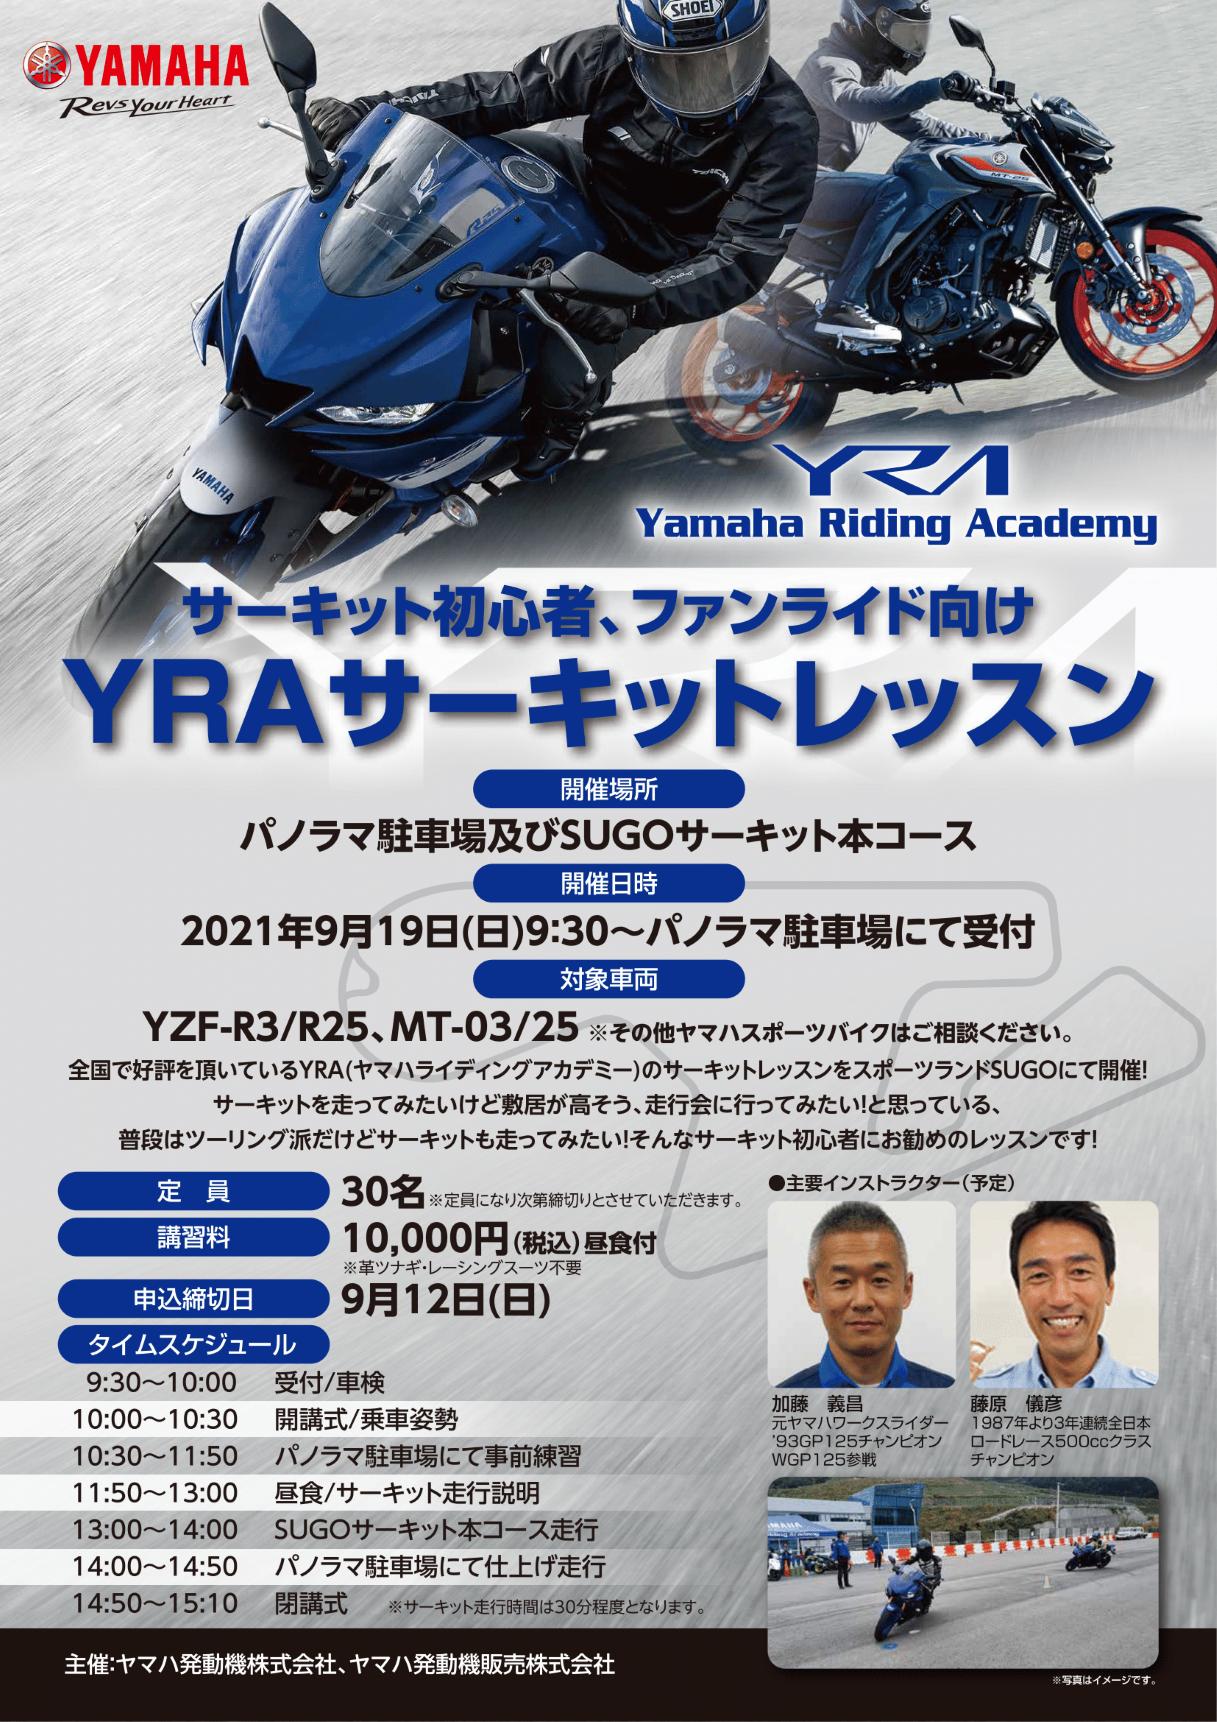 ヤマハ サーキット走行未経験の「YZF-R3/YZF-R25」「MT-03/MT-25」オーナーを対象に「YRAサーキットレッスン」を開催